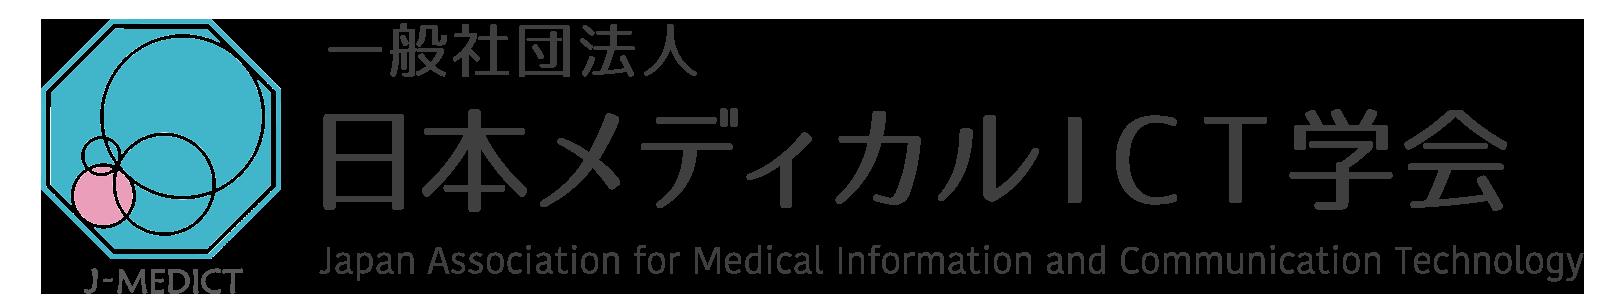 一般社団法人 日本メディカルICT学会